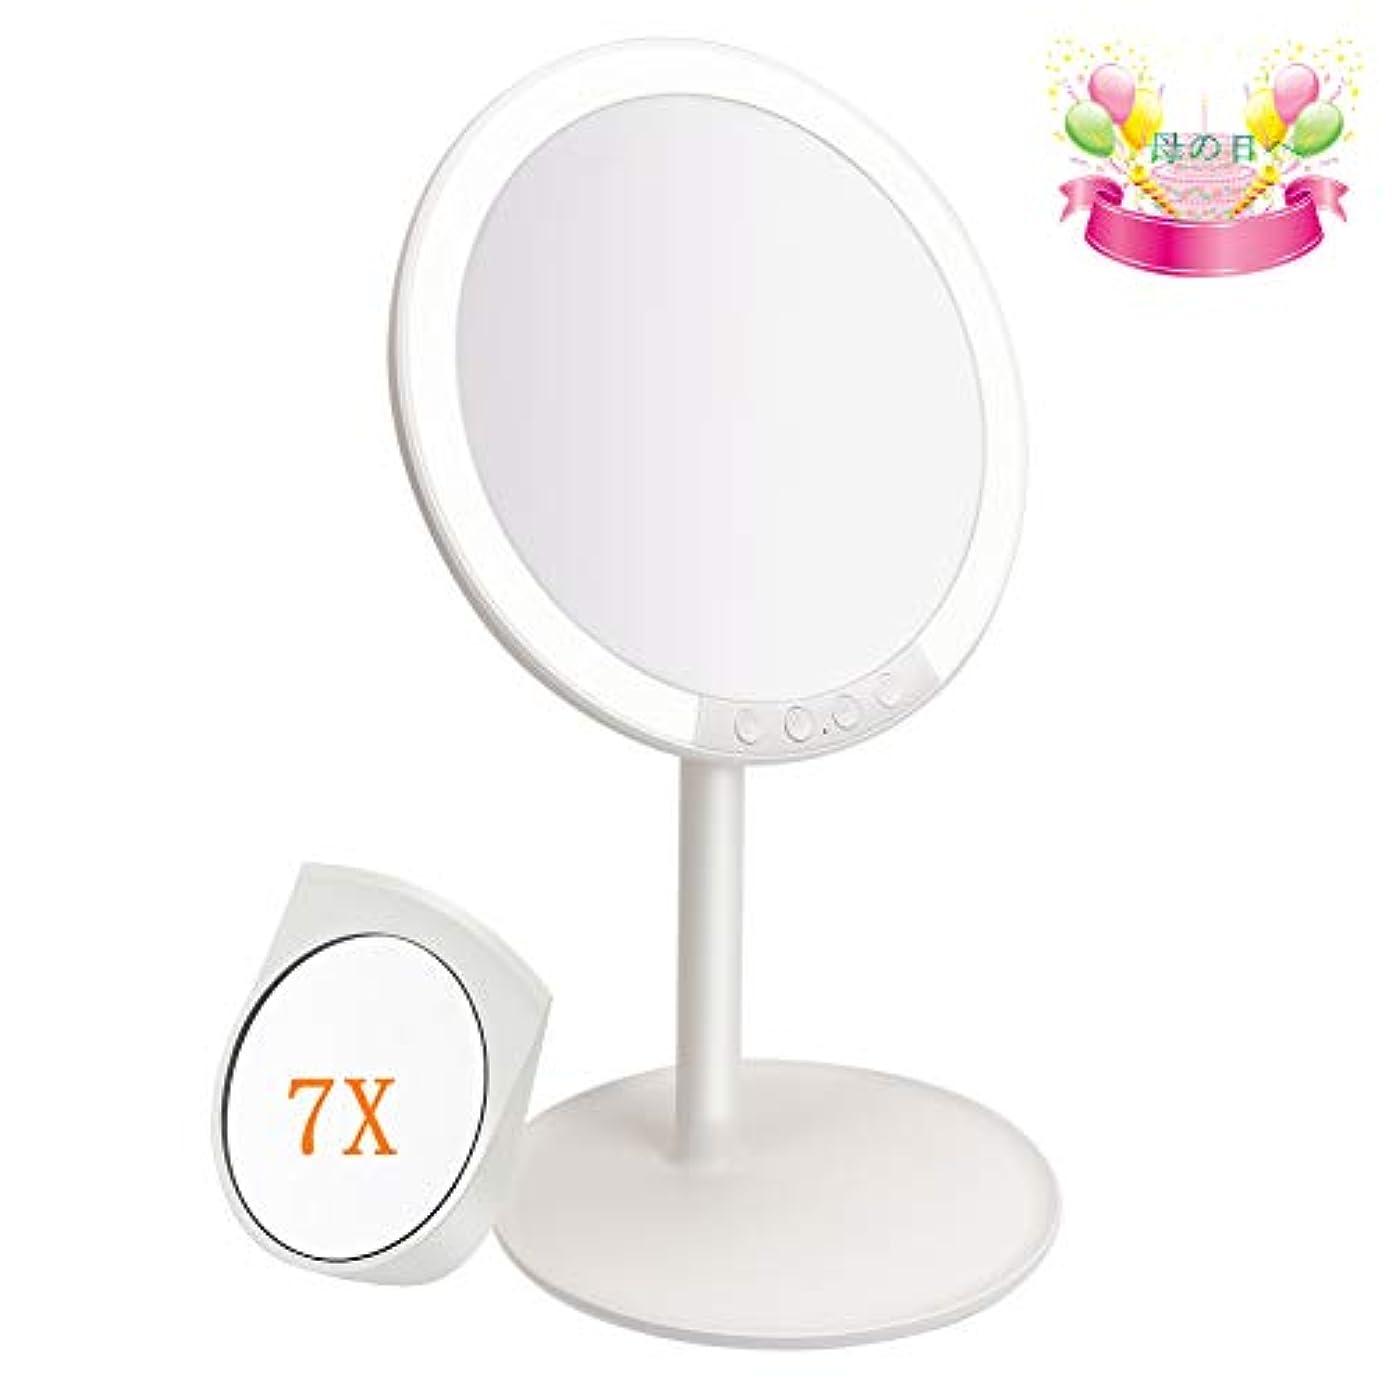 女優さんの鏡 化粧鏡 化粧ミラー 66LEDライト 3色光モード 7段階調光 USB式 7倍拡大鏡 180度回転 収納ベース